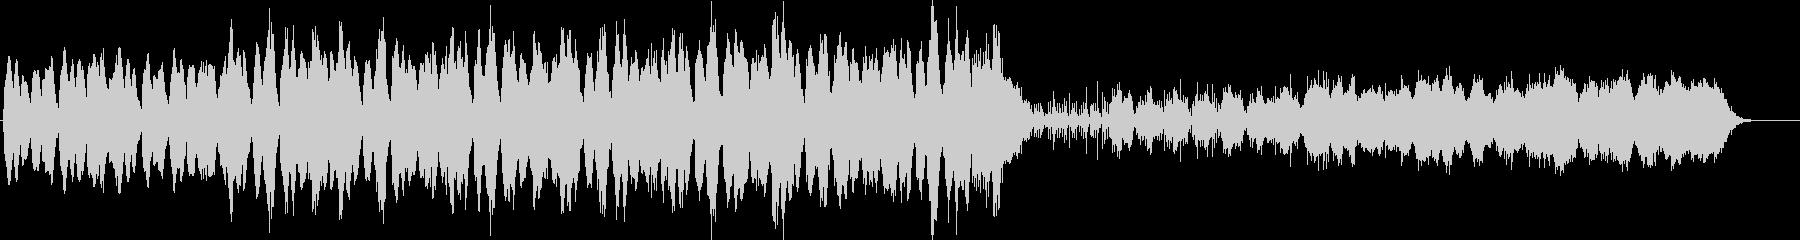 劇伴 ミステリアスなミニマルテクノの未再生の波形